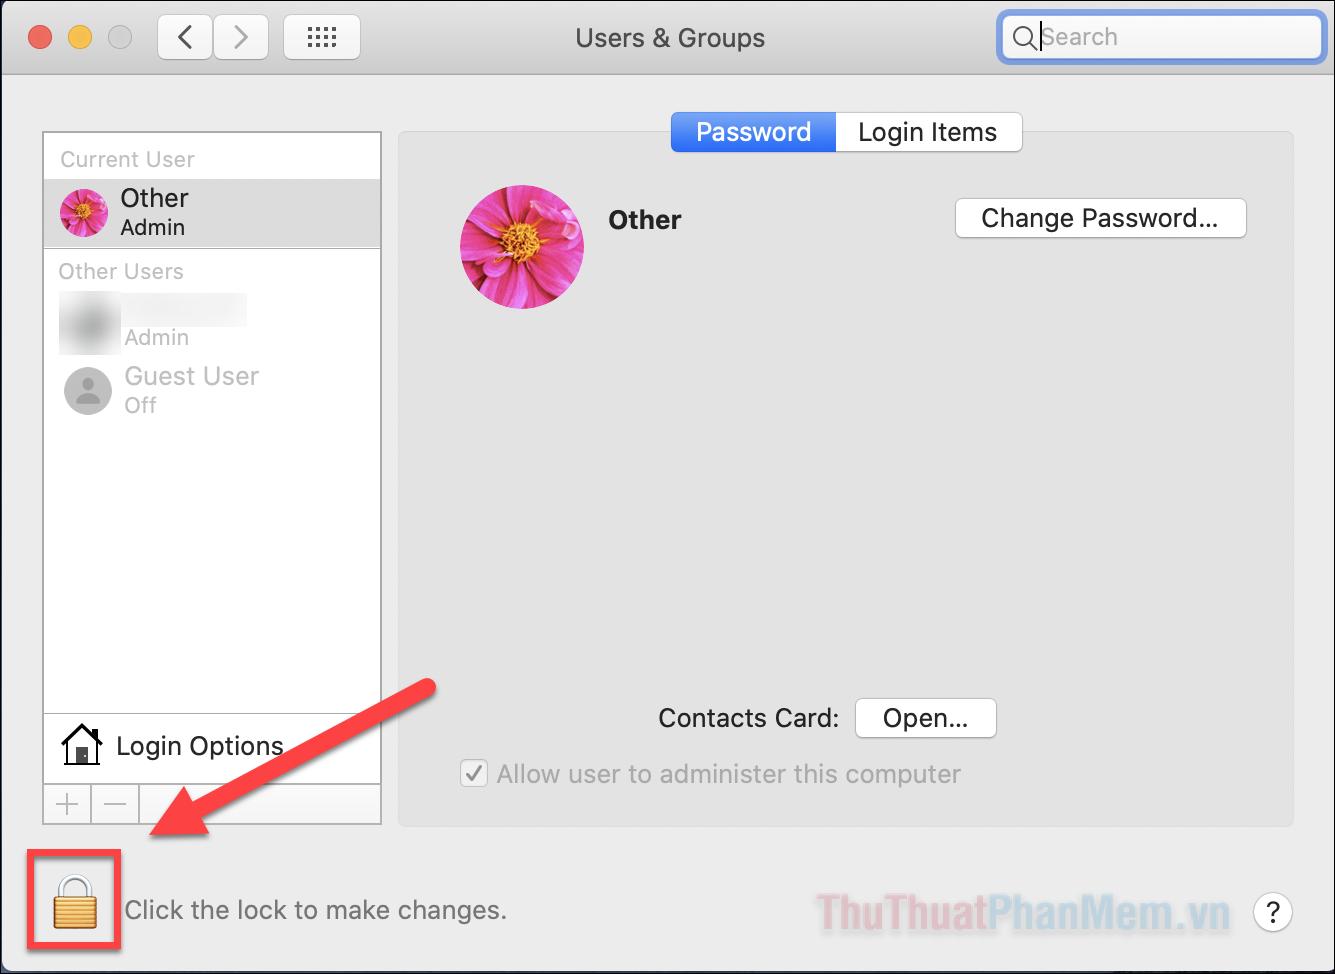 Nhấn vào biểu tượng ổ khóa và nhập mật khẩu người dùng của bạn